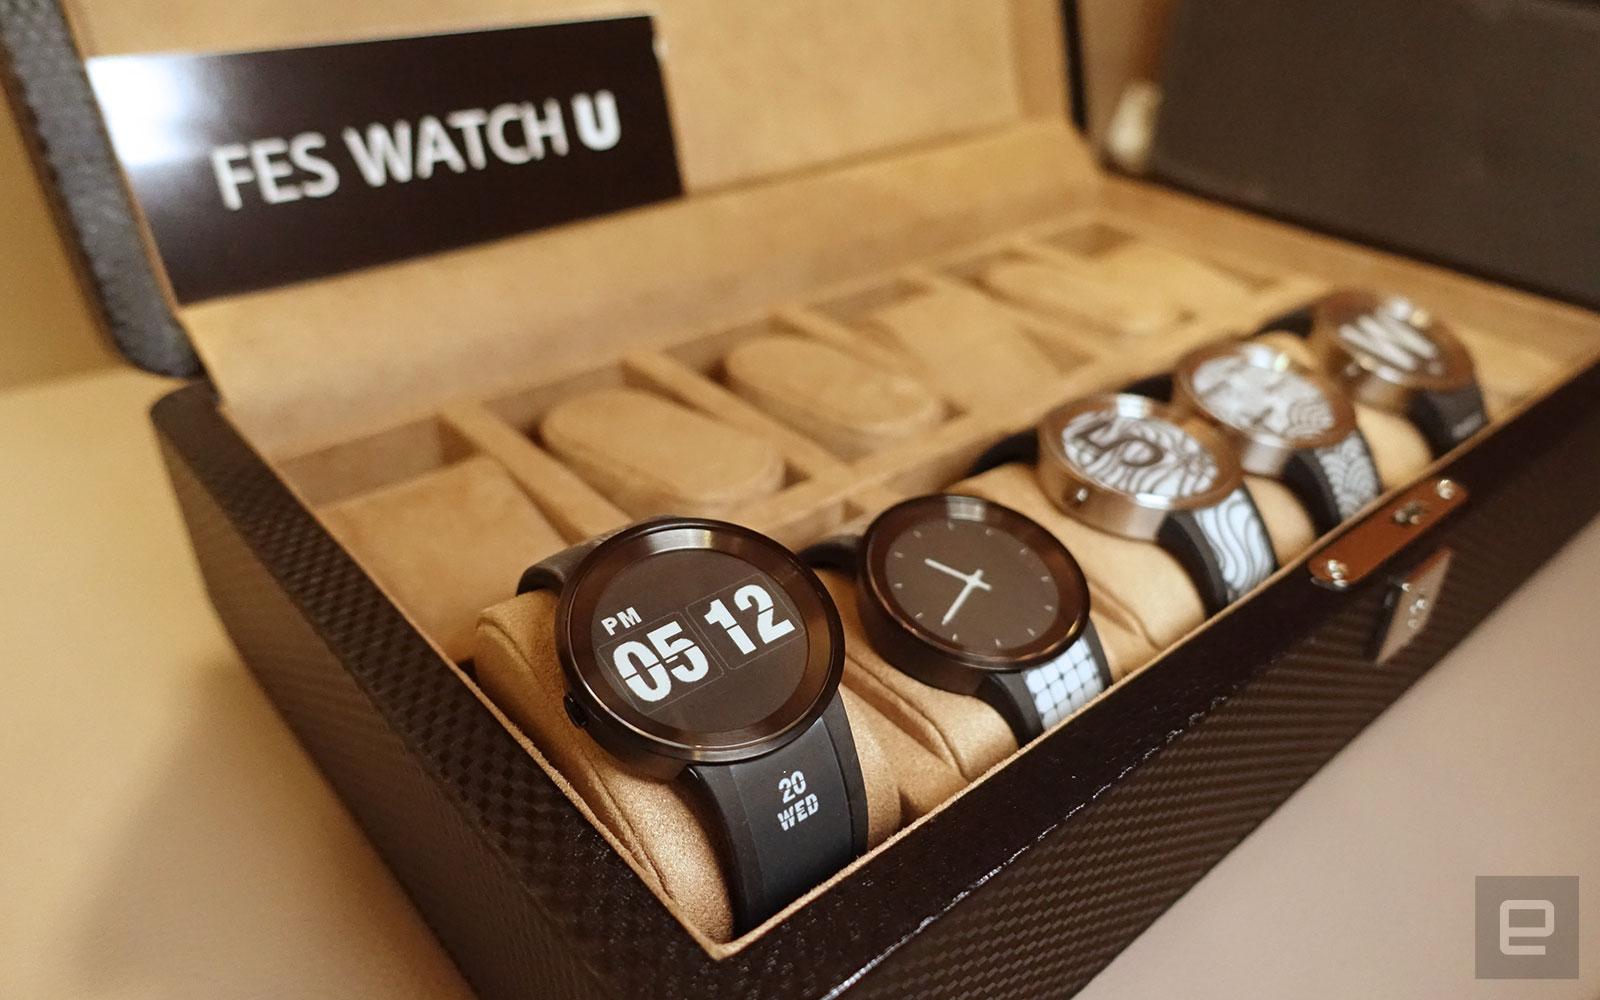 索尼电子纸手表 FES Watch U 正式抵港开卖